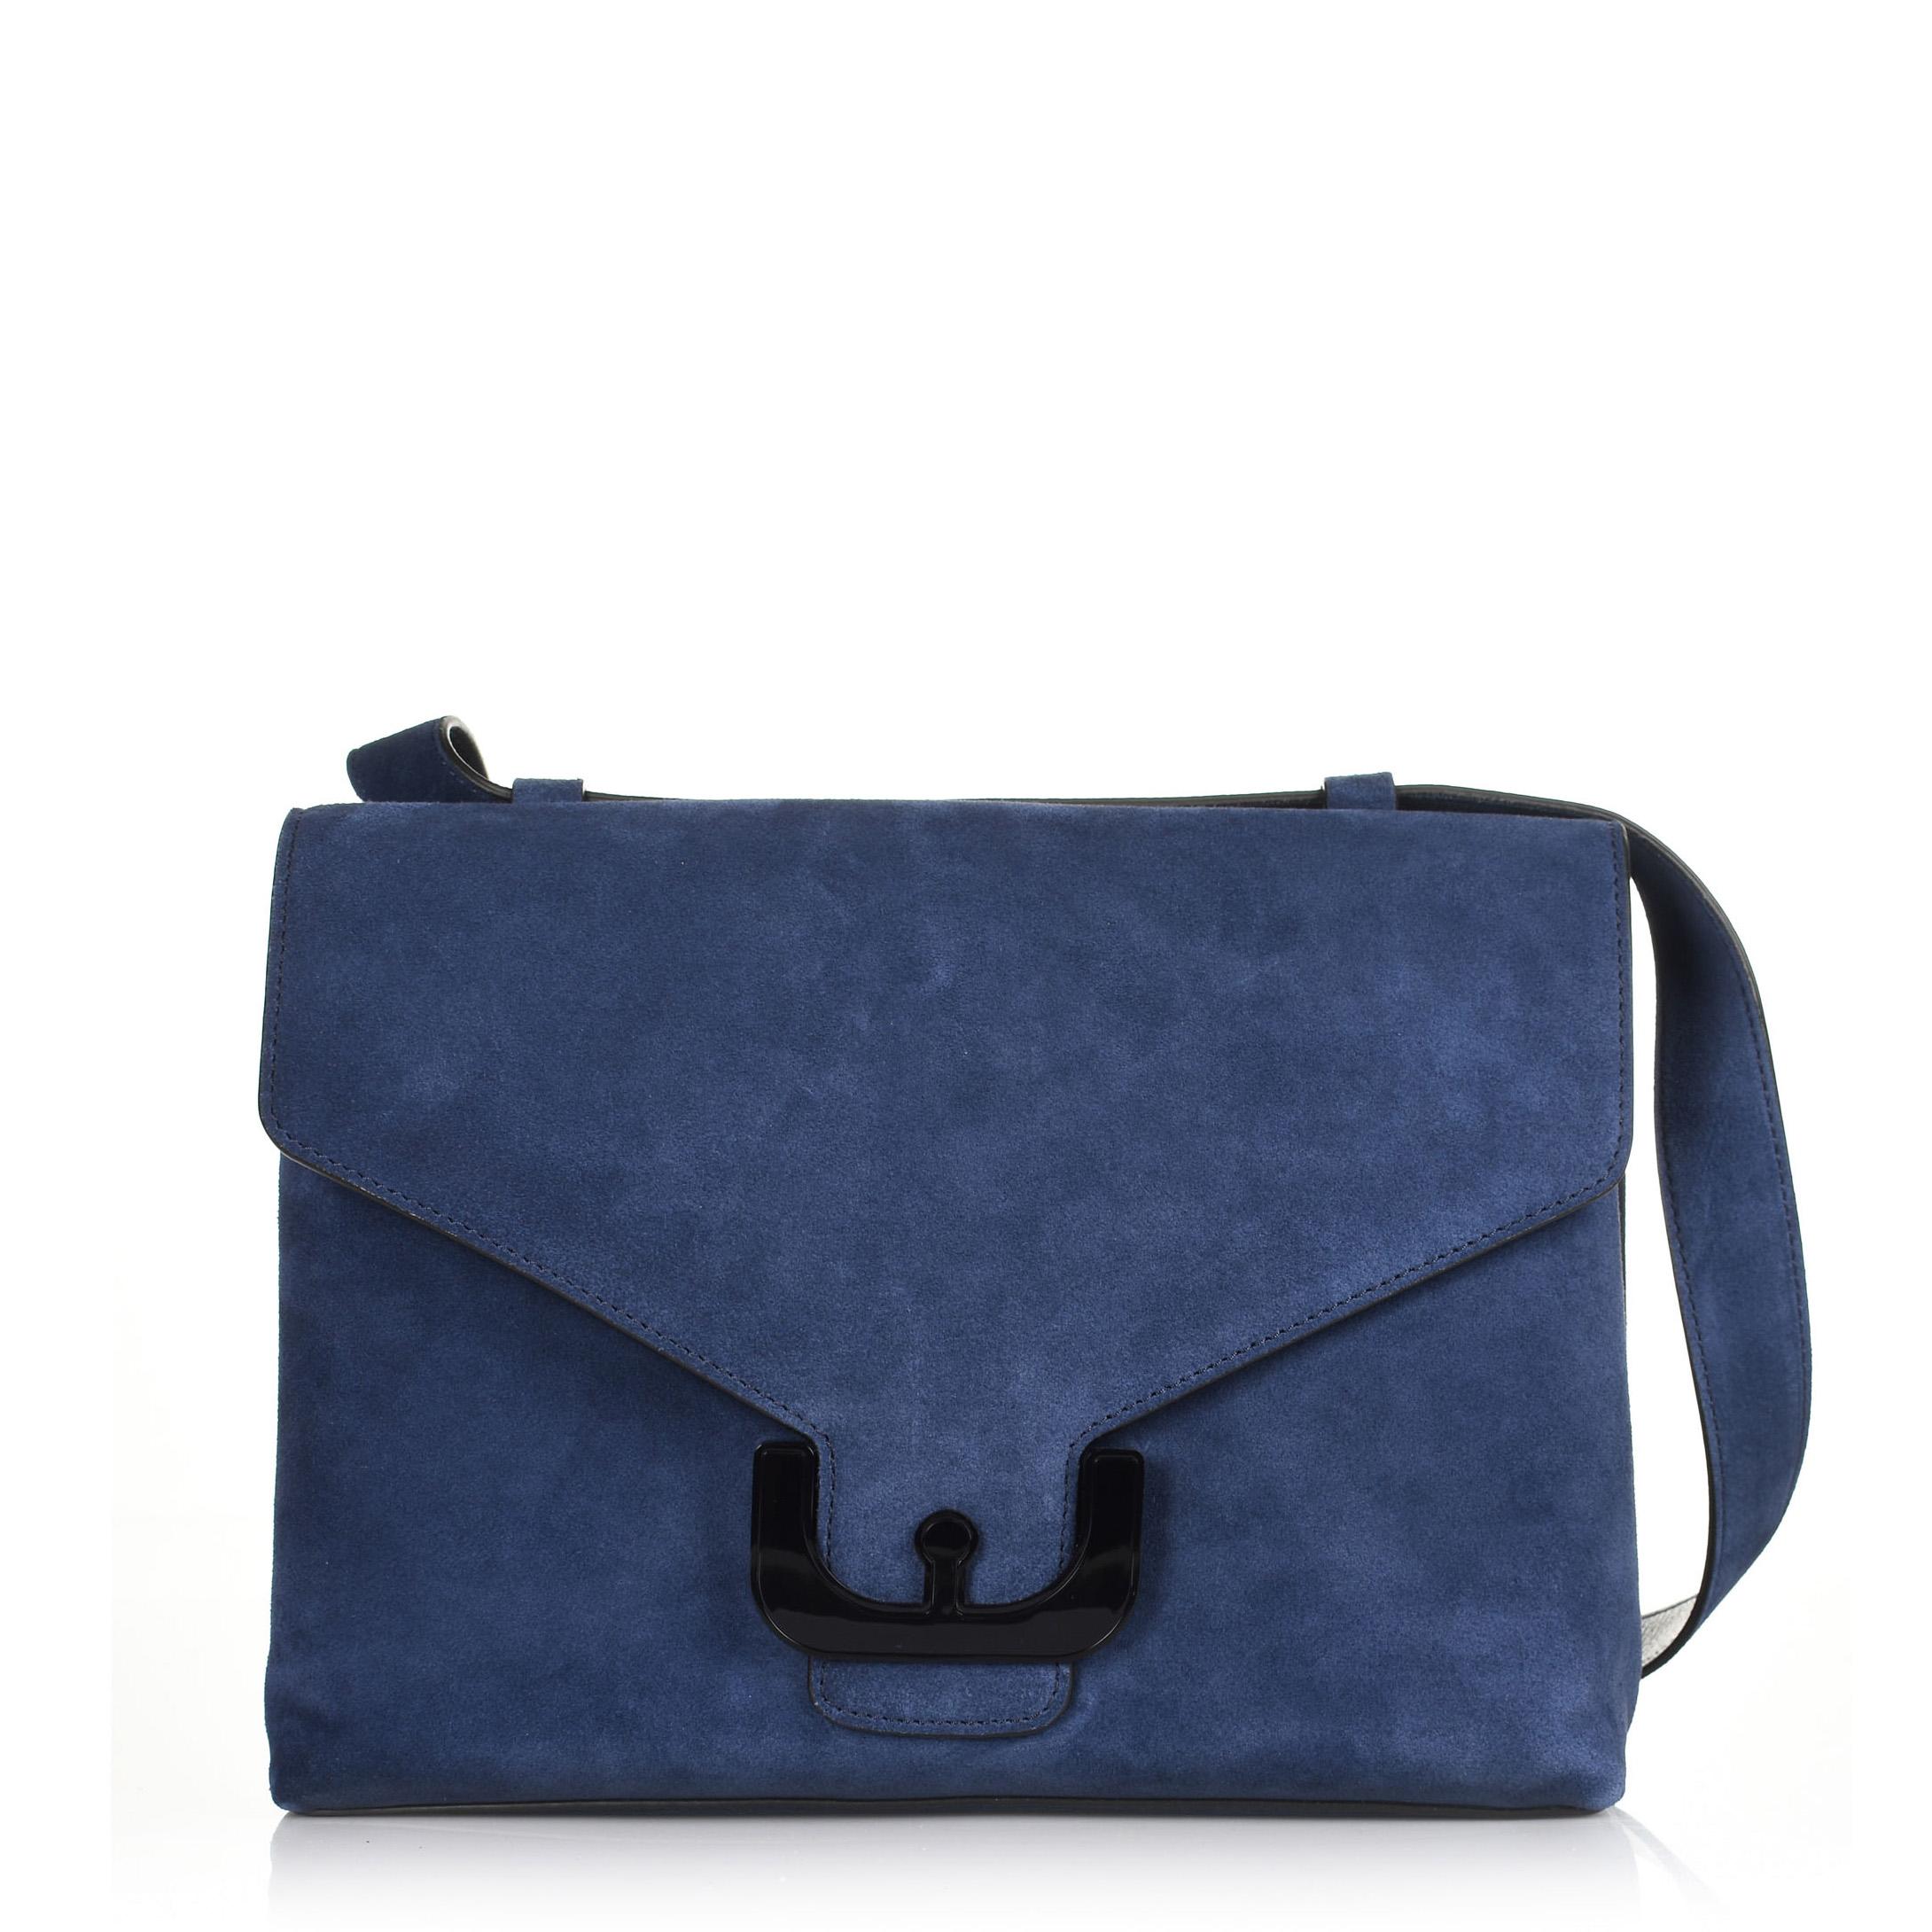 Δερμάτινη Τσάντα Ώμου Coccinelle EJ6201